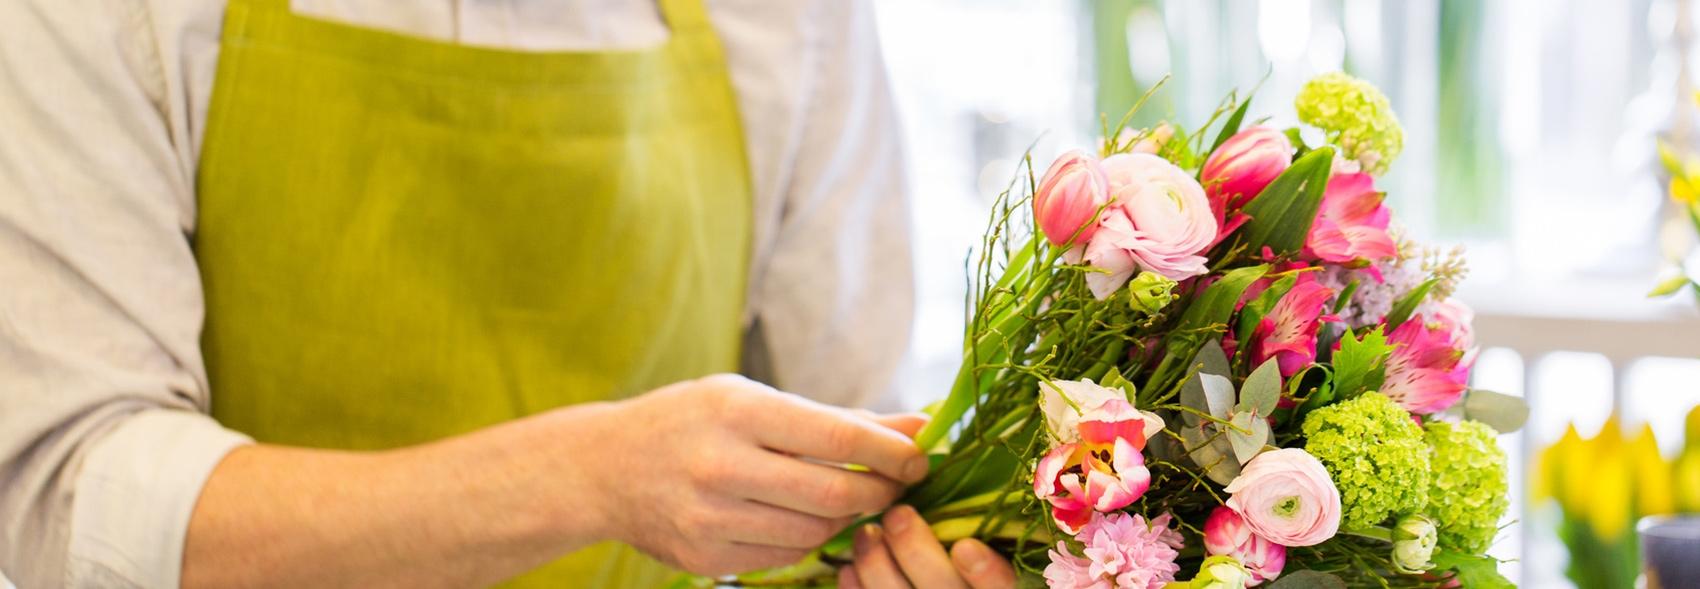 Fleuriste en Indre (36)   Livraison de Fleurs - Décoration Mariage 78fb9678b4b3